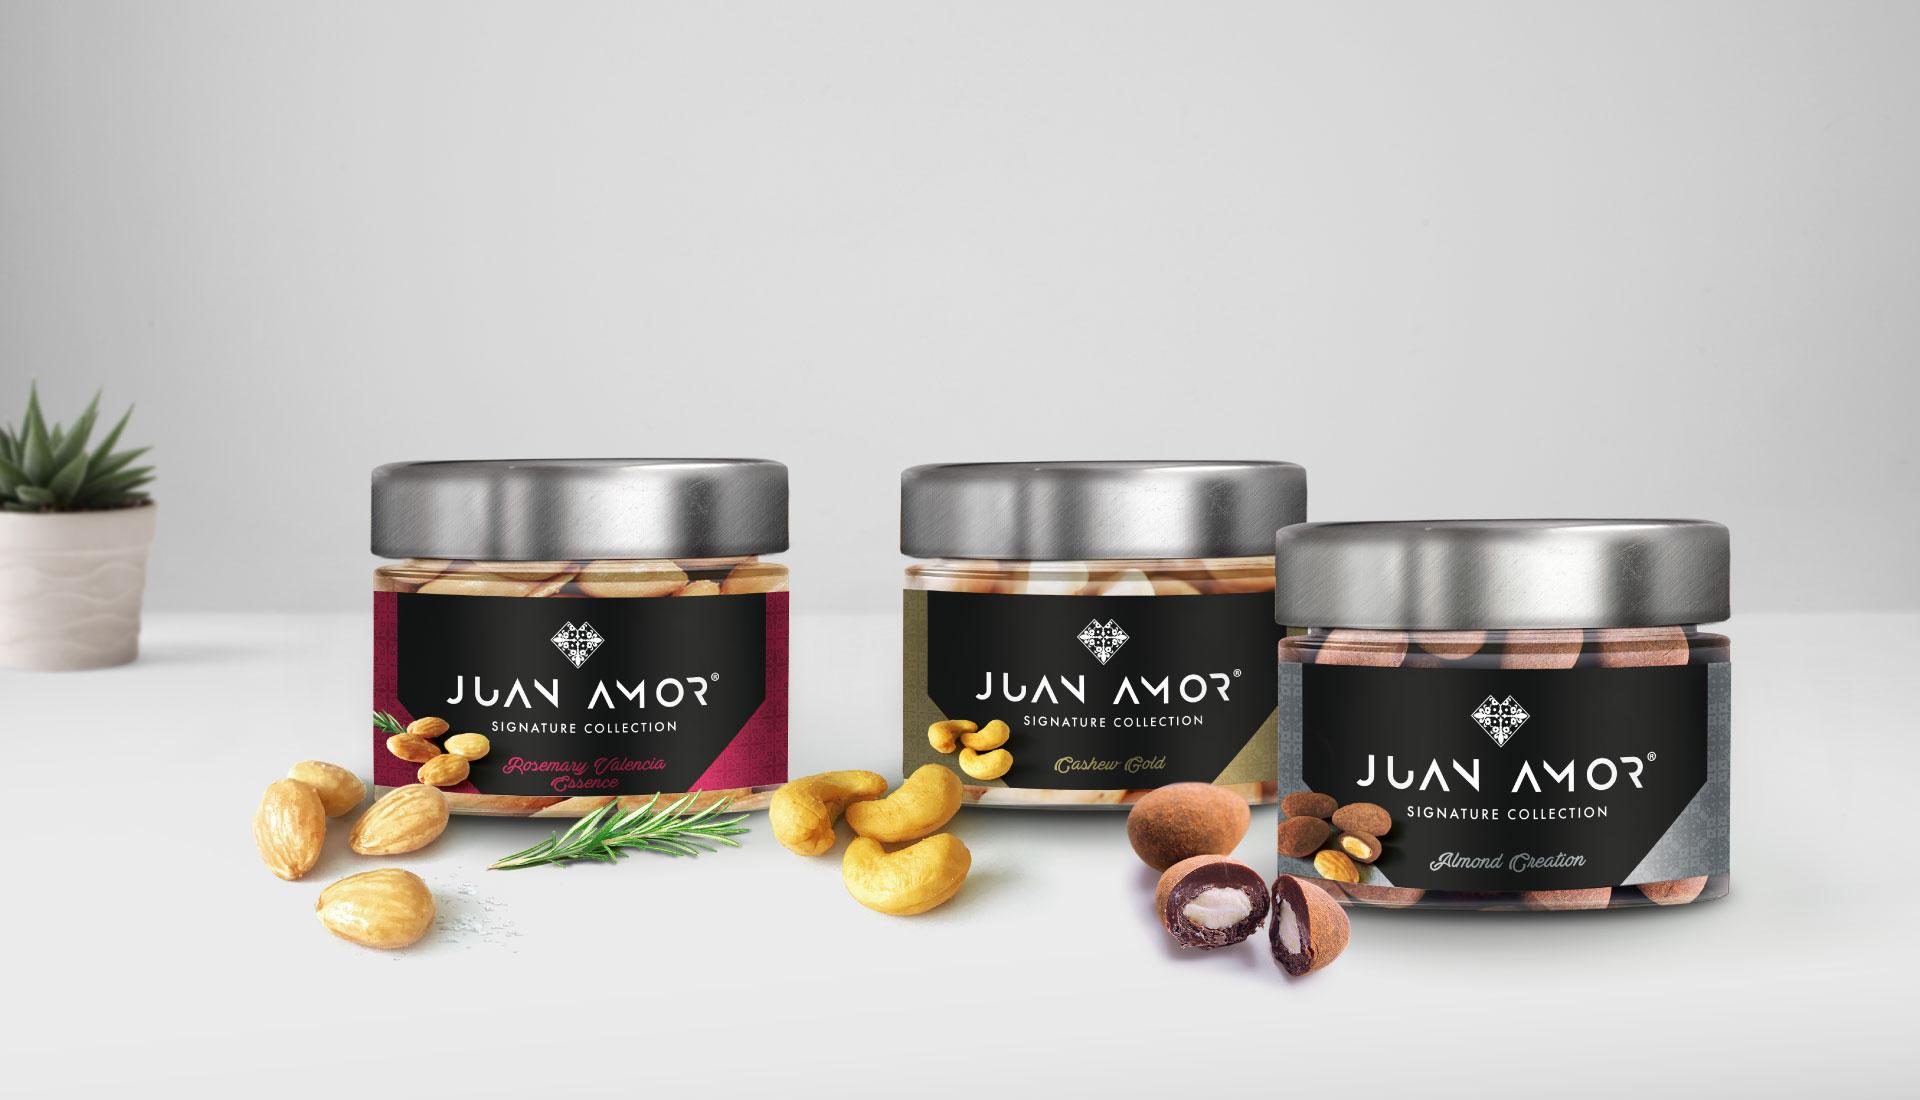 slide Juan Amor ingles